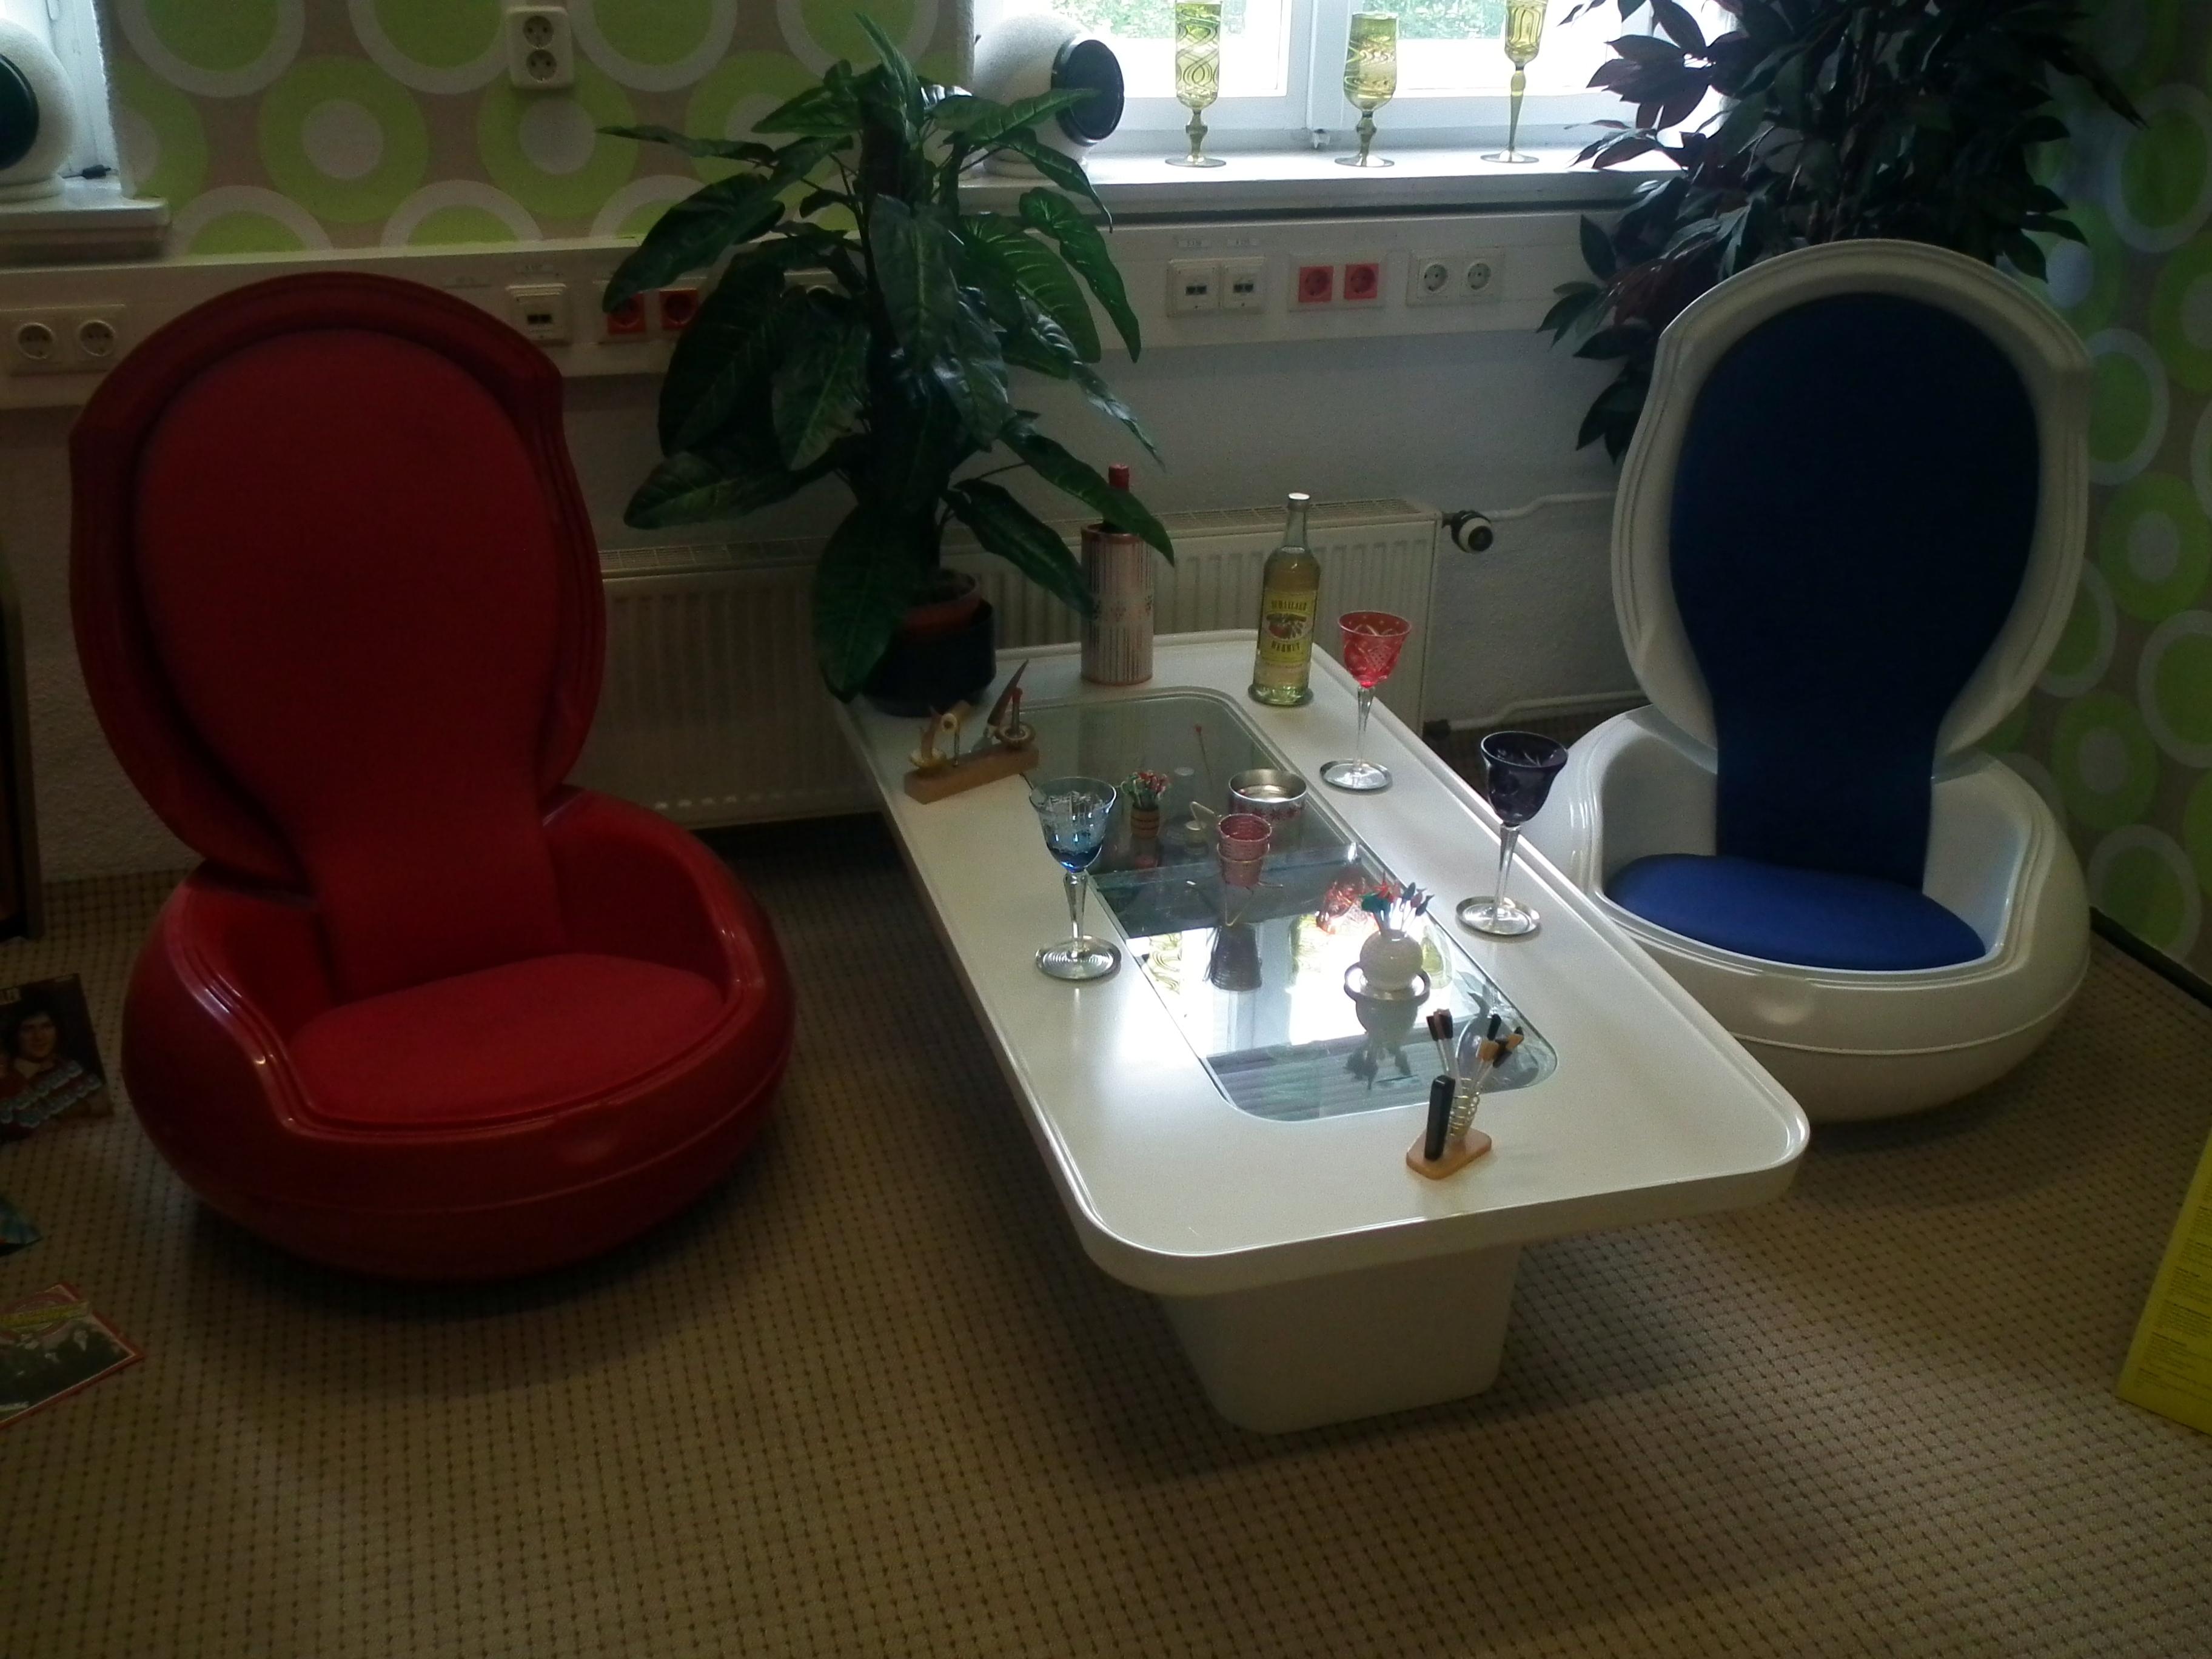 file ddr museum pirna senftenberger wikimedia commons. Black Bedroom Furniture Sets. Home Design Ideas